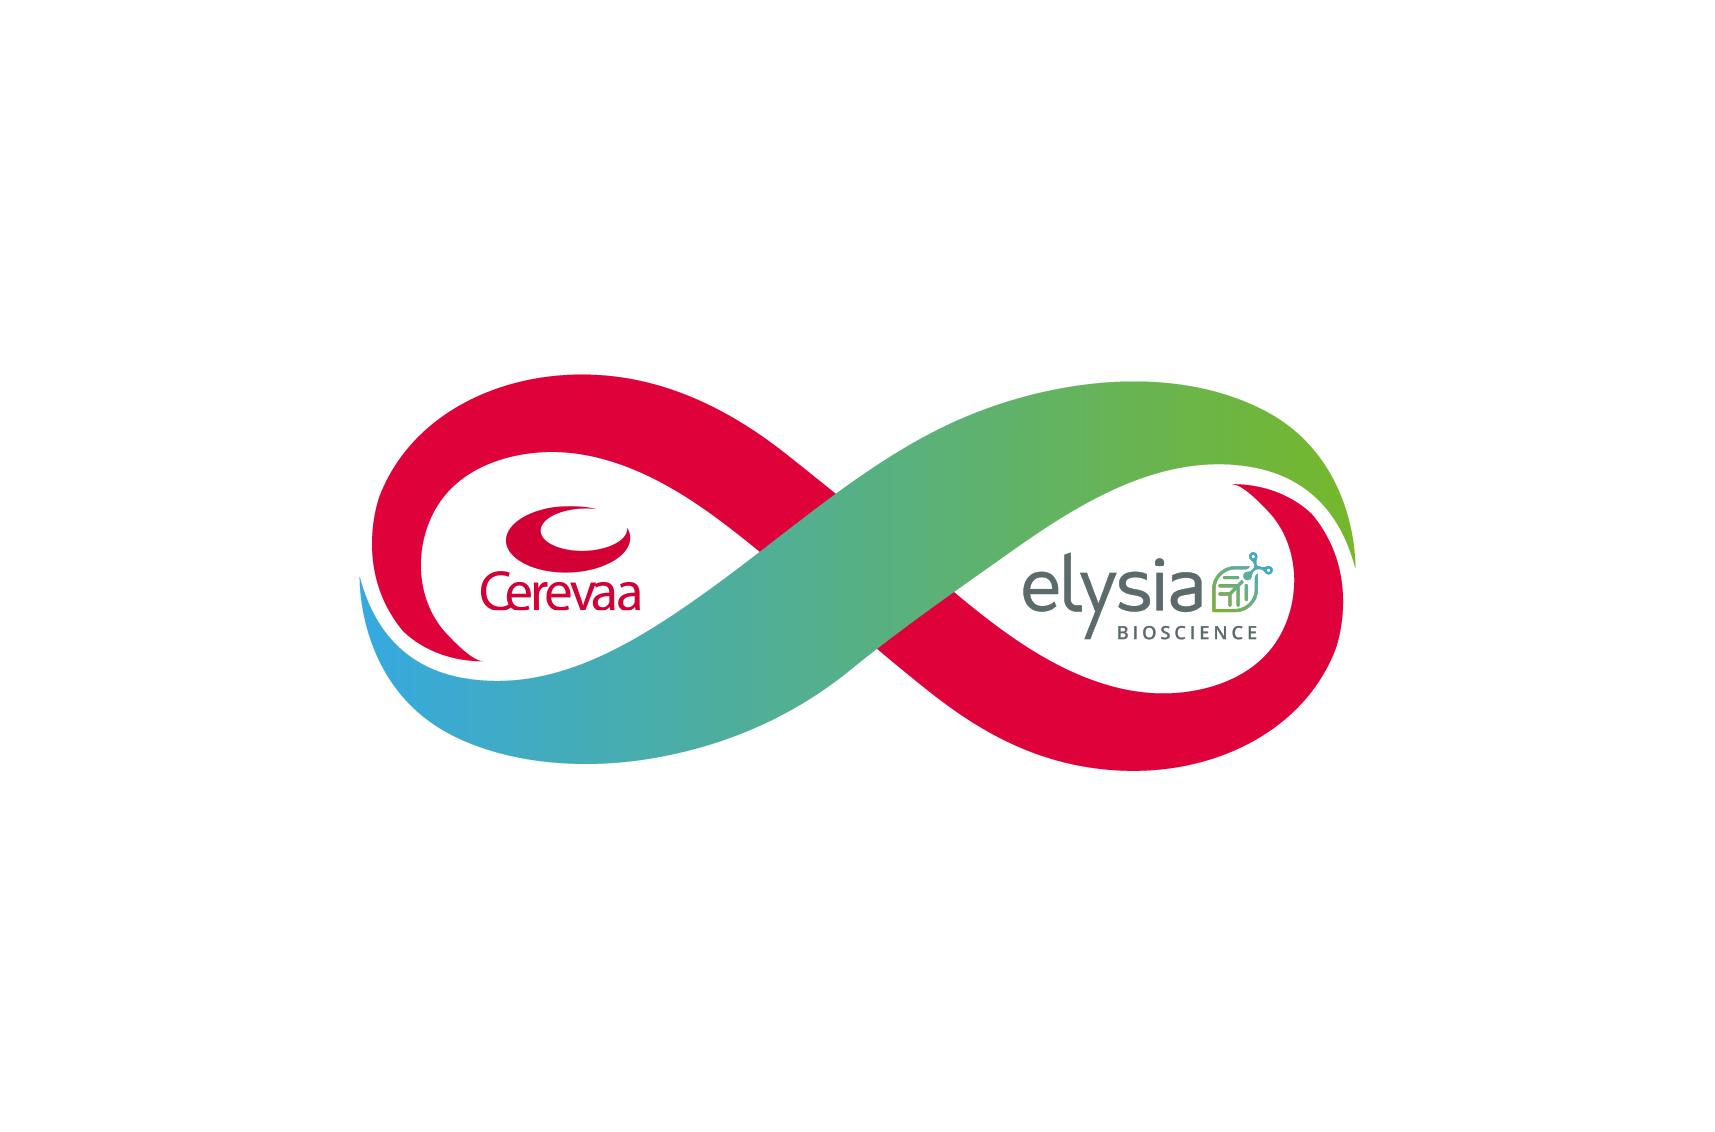 Partenariat Elysia Bioscience Cerevaa